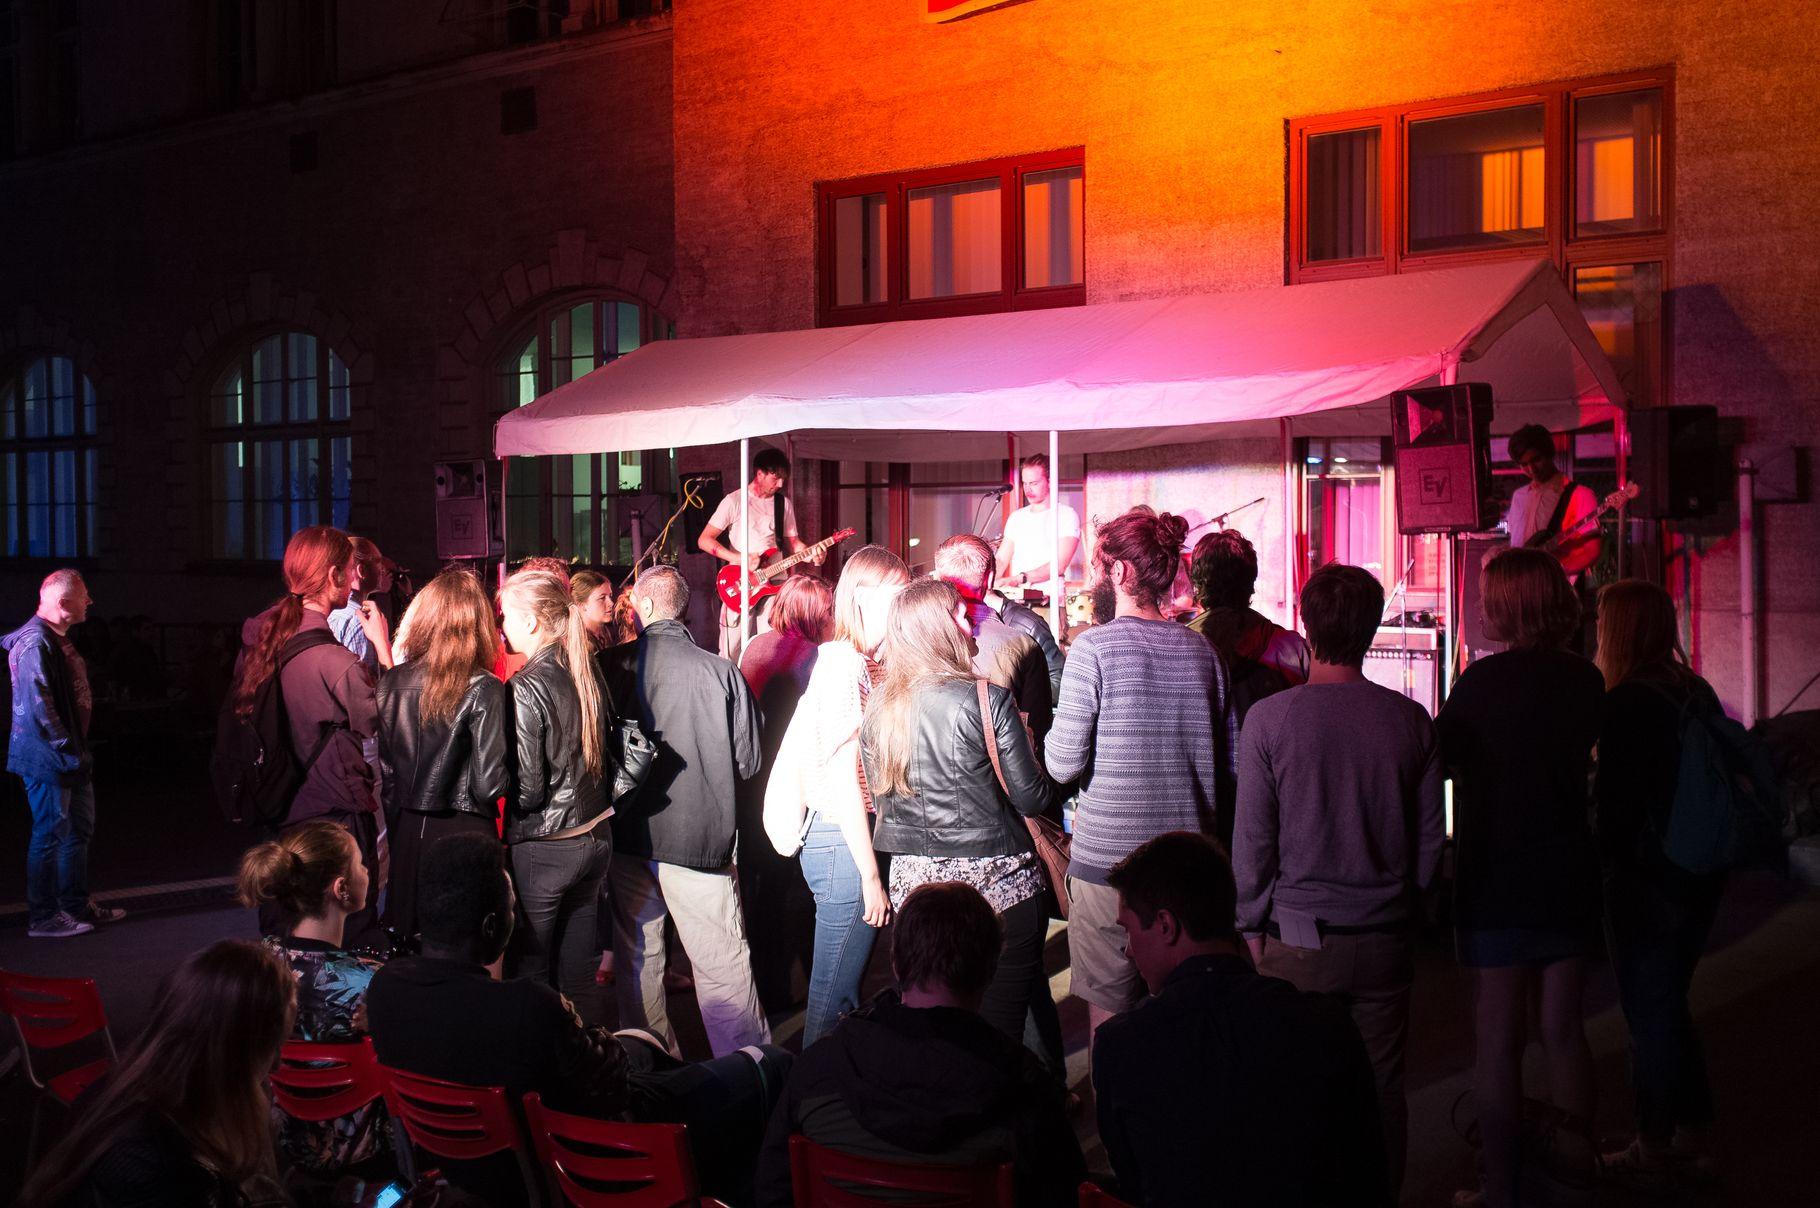 Konzerte im Bürgerhof 28.06.14 Frau Wohlfahrth - Freiwilligen-Zentrum Augsburg - Foto: Crayfish